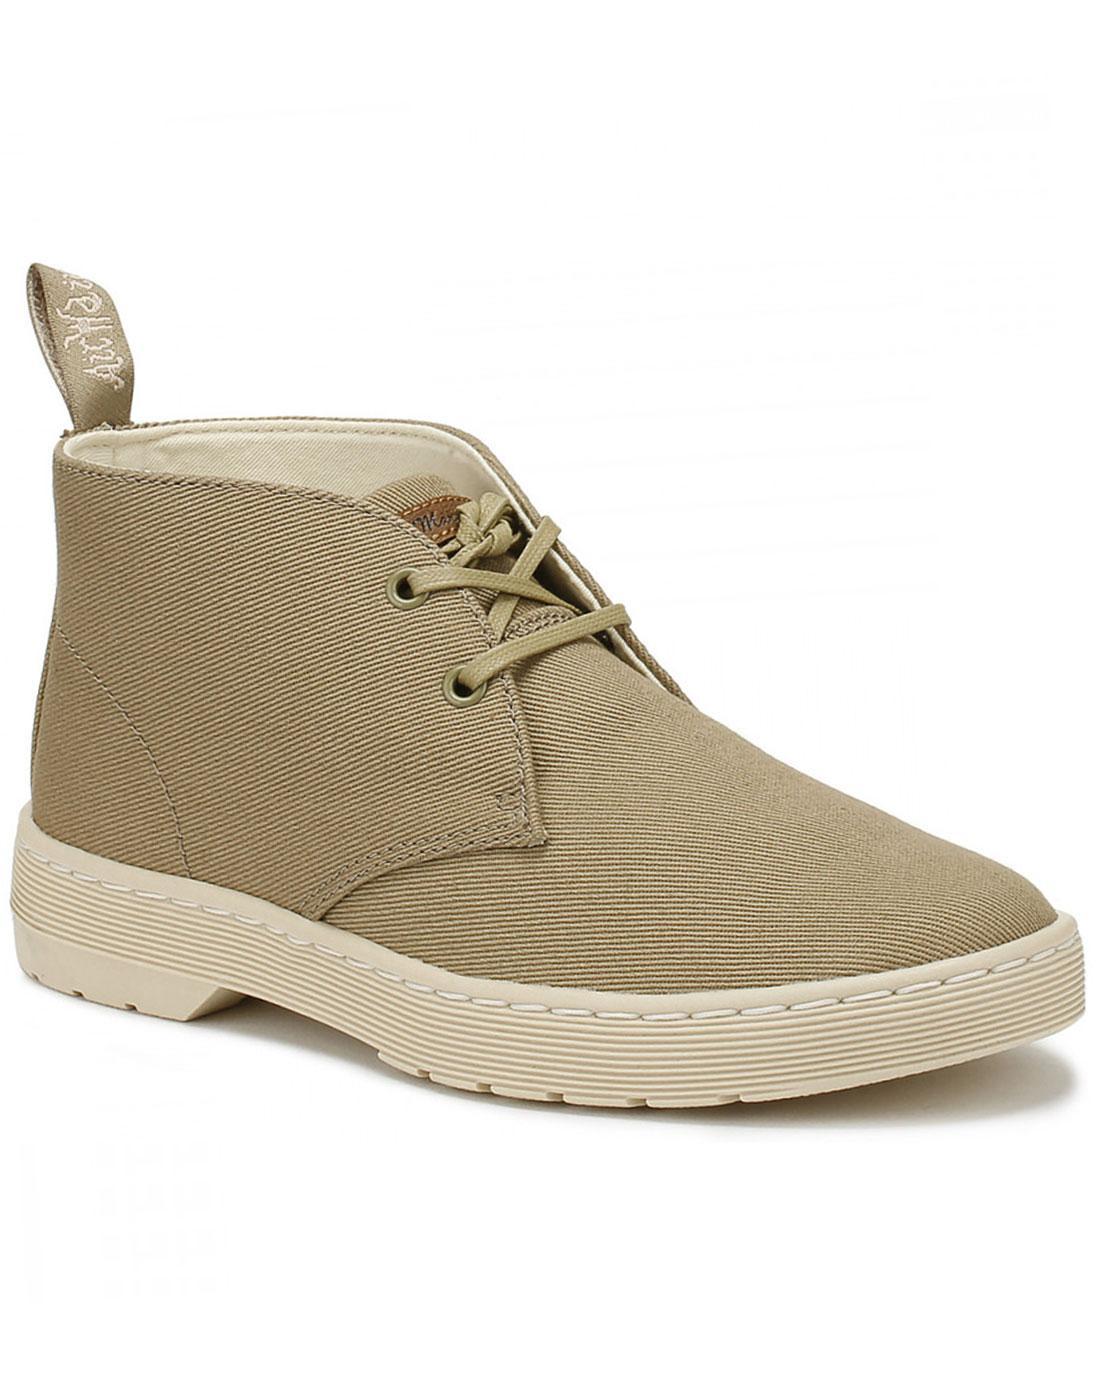 Mayport DR MARTENS Overdyed Twill Desert Boots OG